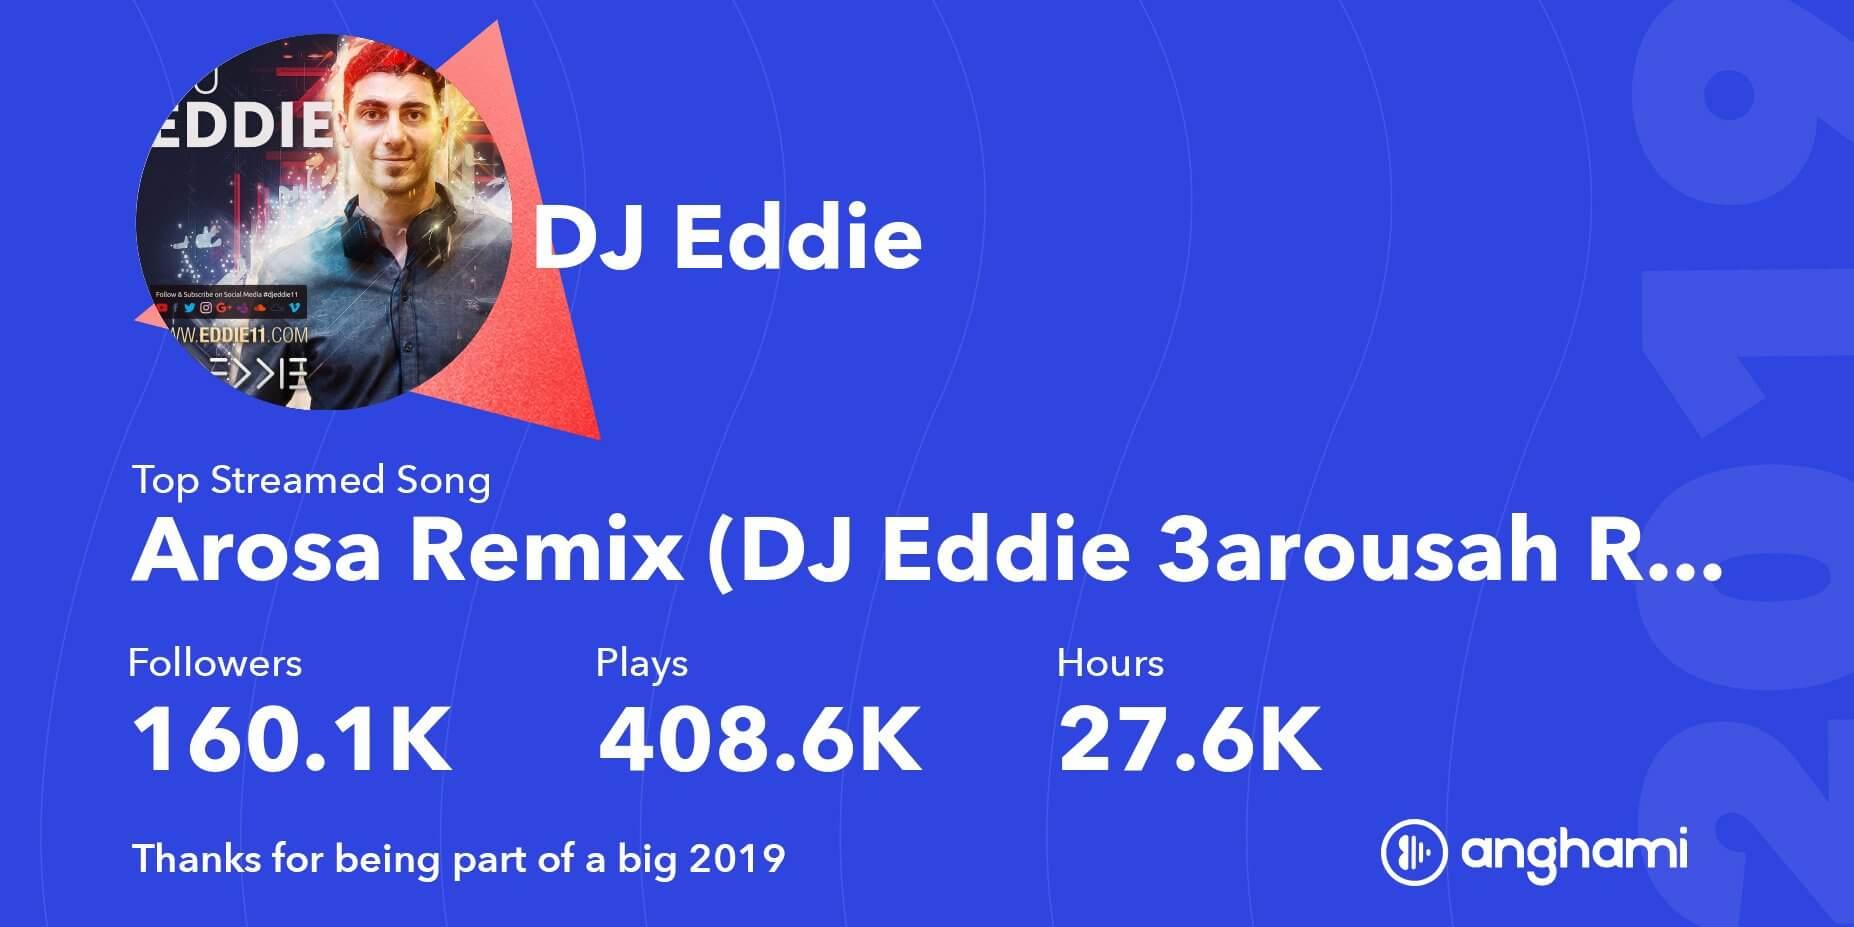 DJ Eddie on Anghami in 2019